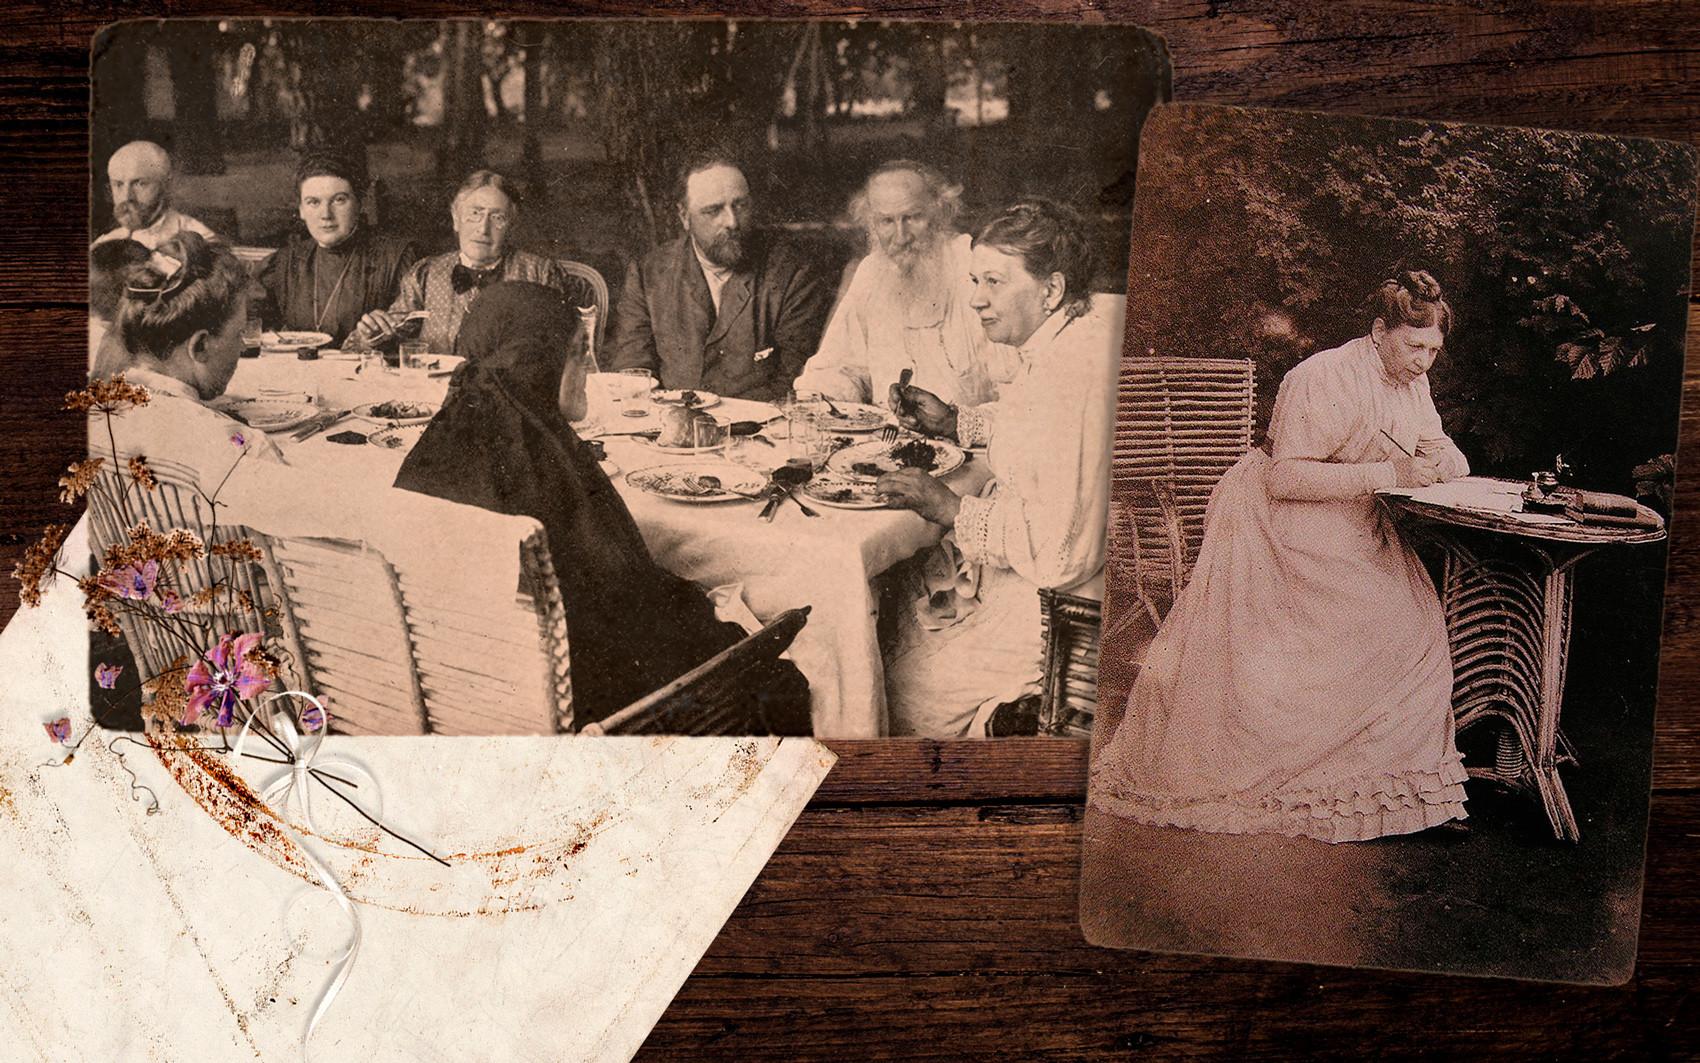 Семейният кръг Толстой в Ясная поляна; Съпругата на писателя Лев Николаевич Толстой София Андреевна Толстая